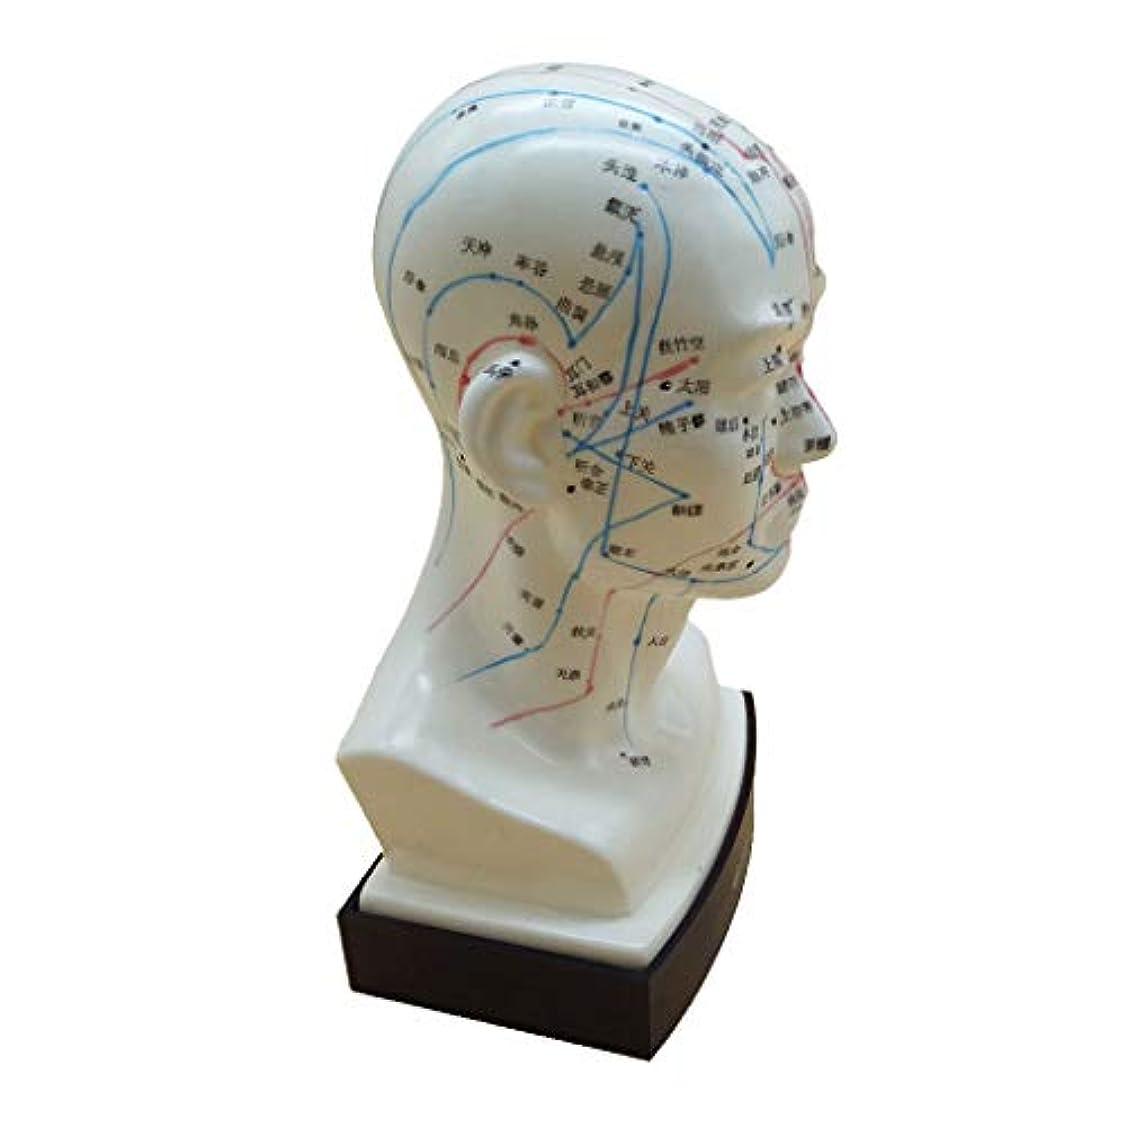 植生砂シャークKESOTO マッサージ モデル 中国語 指圧ポイント 人間の頭 経絡モデル